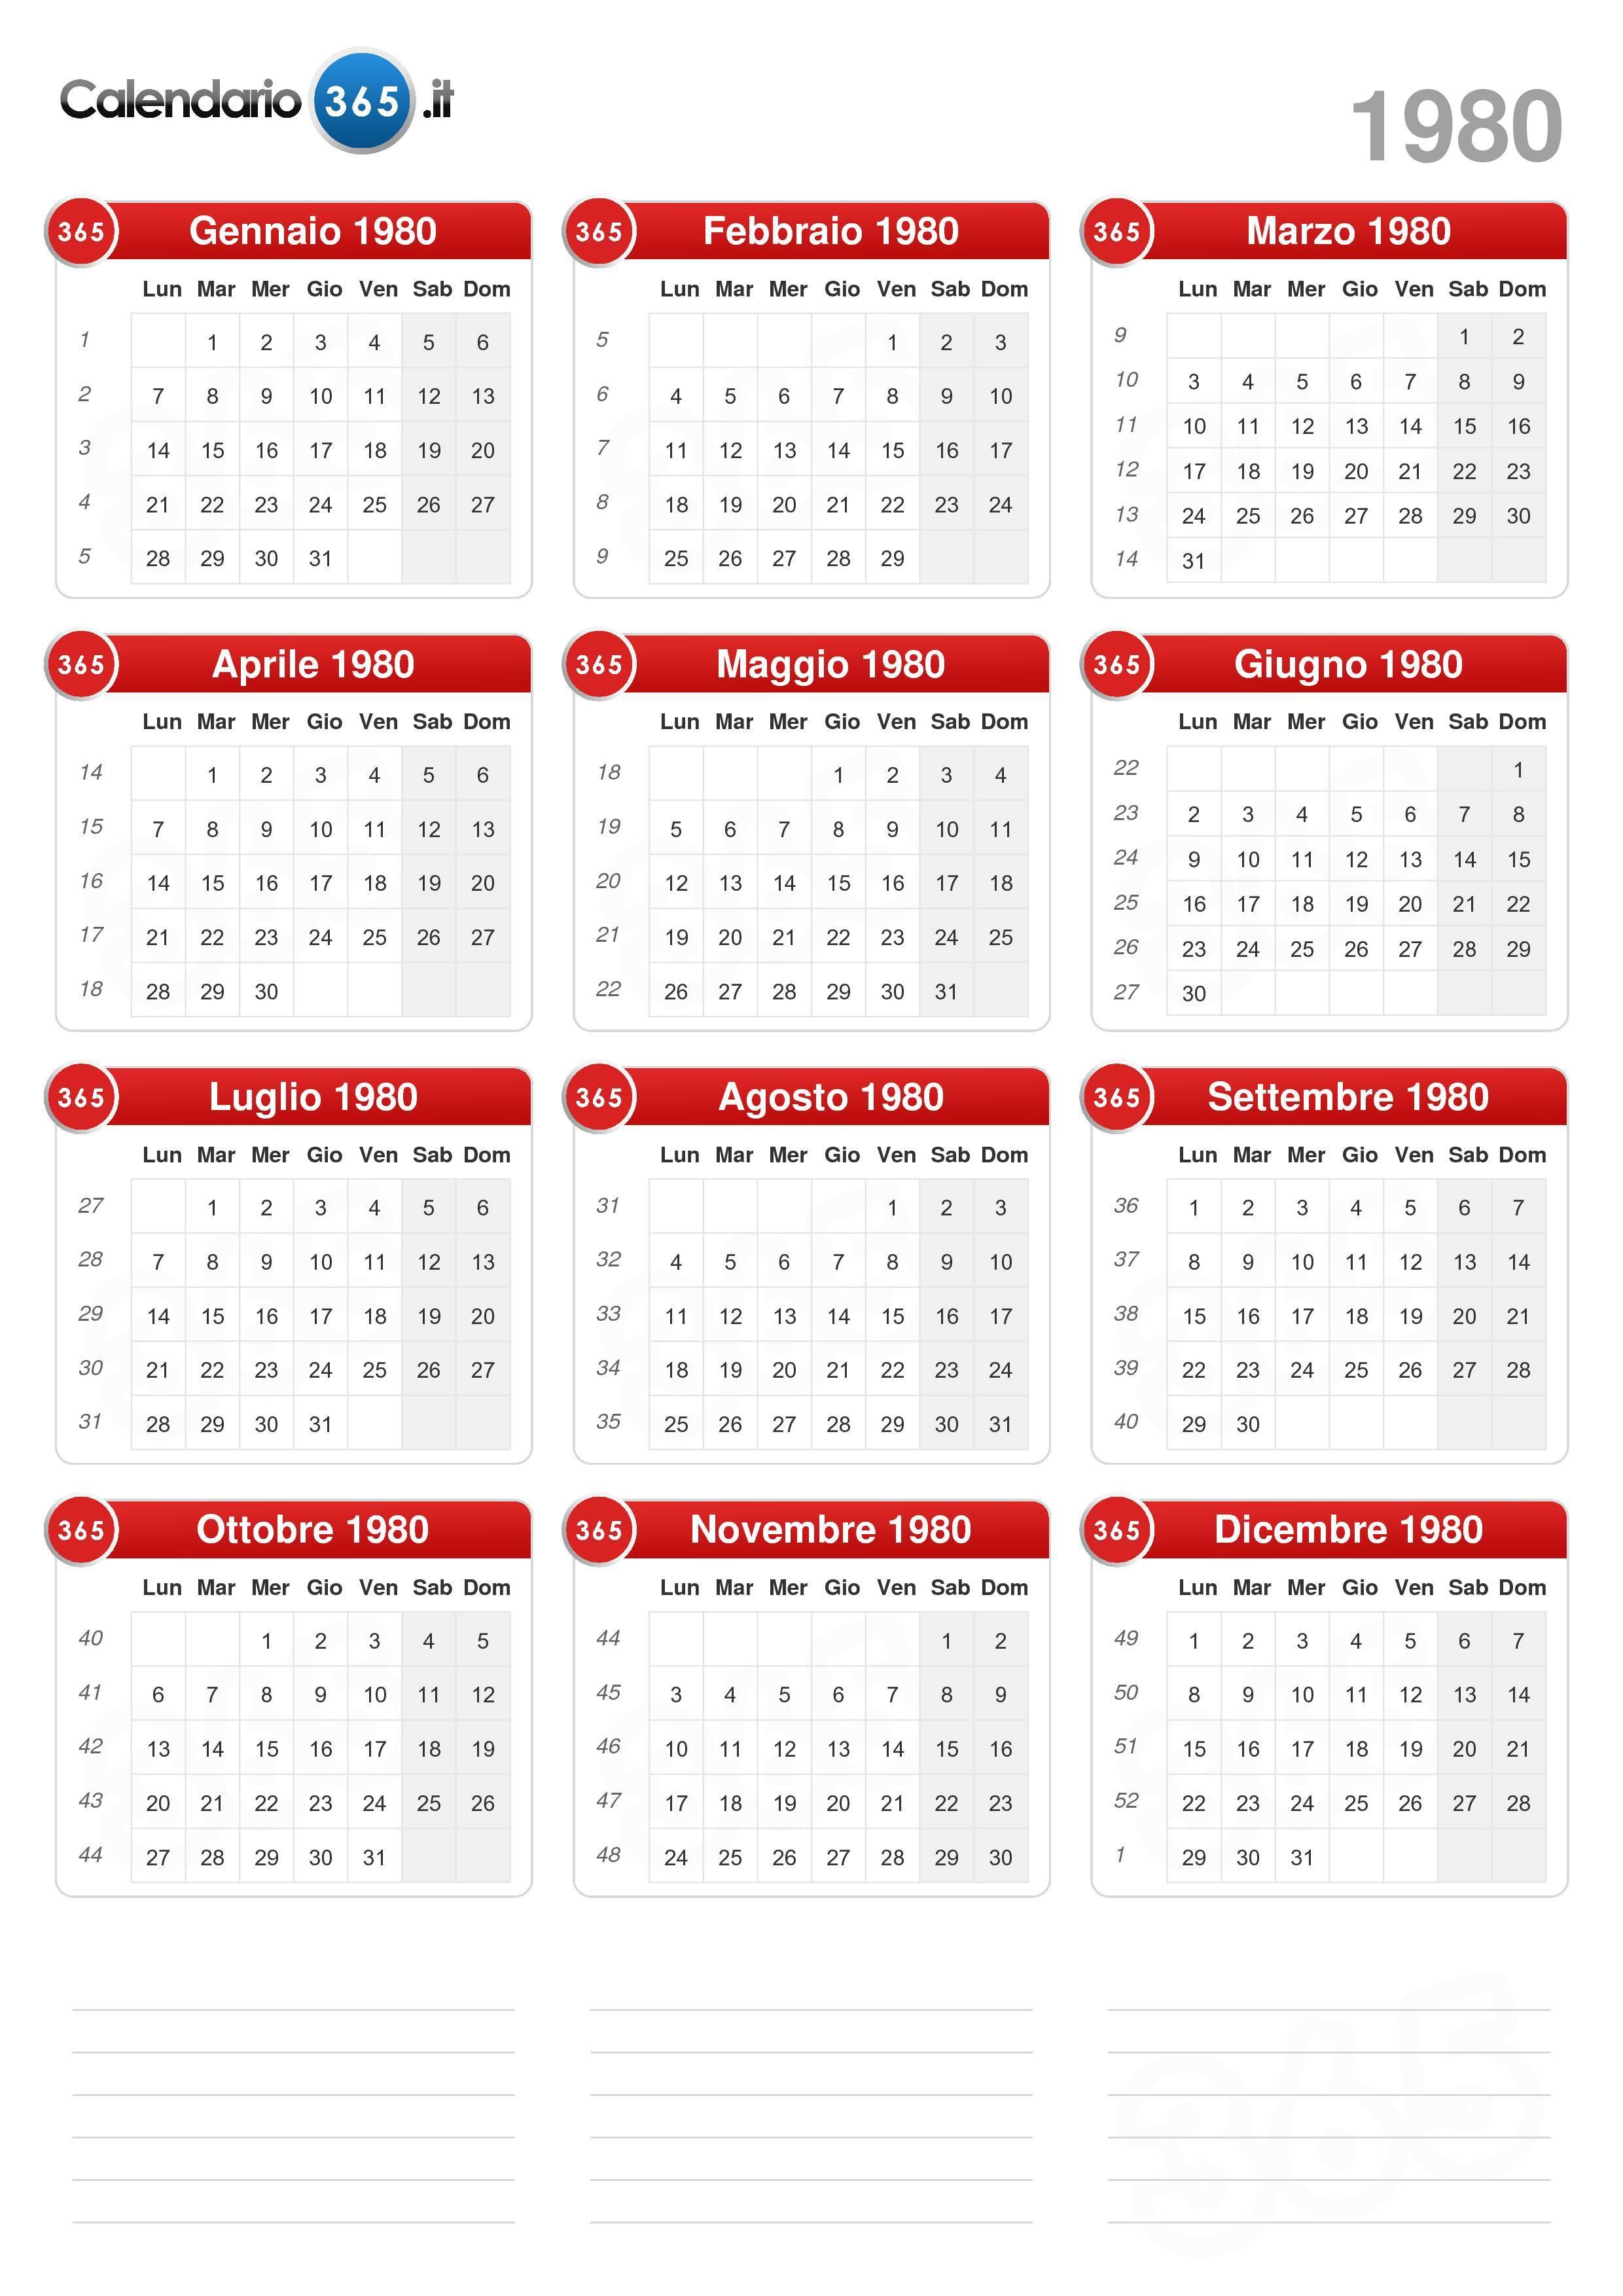 Calendario Anno 1980.Calendario 1980